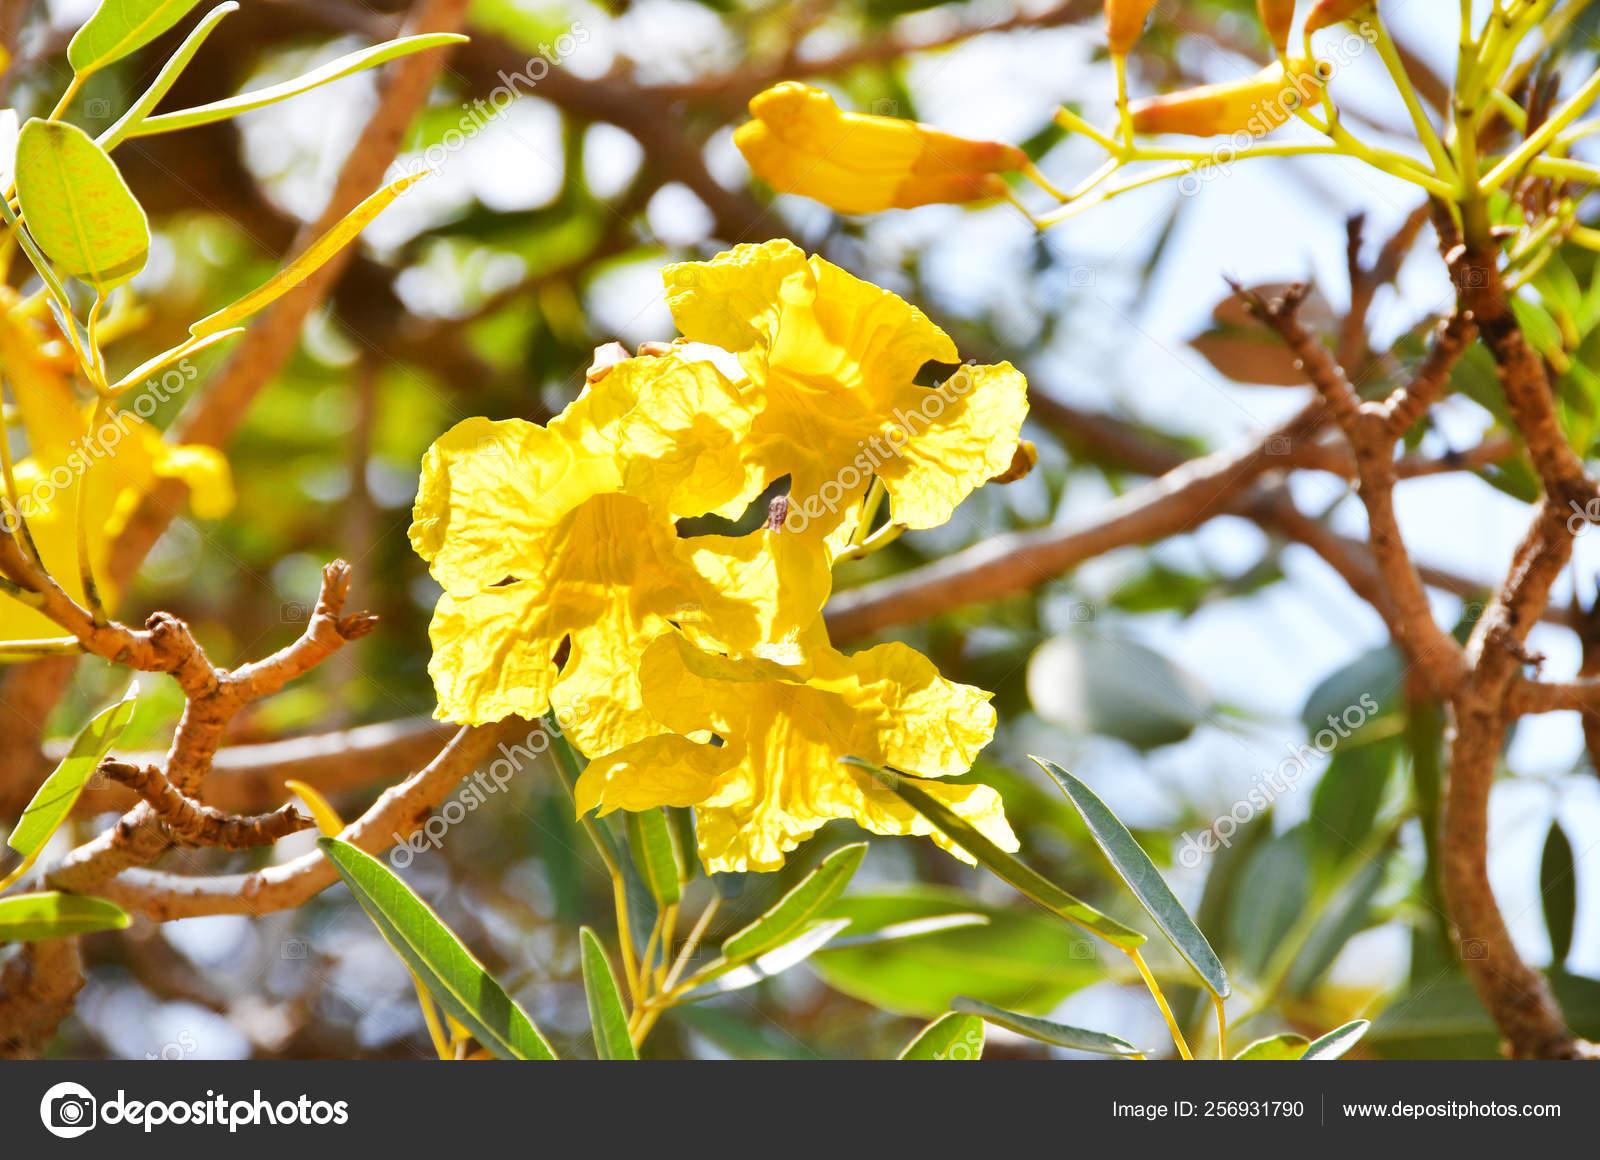 exotic yellow flowers city garden trivandrum thiruvananthapuram